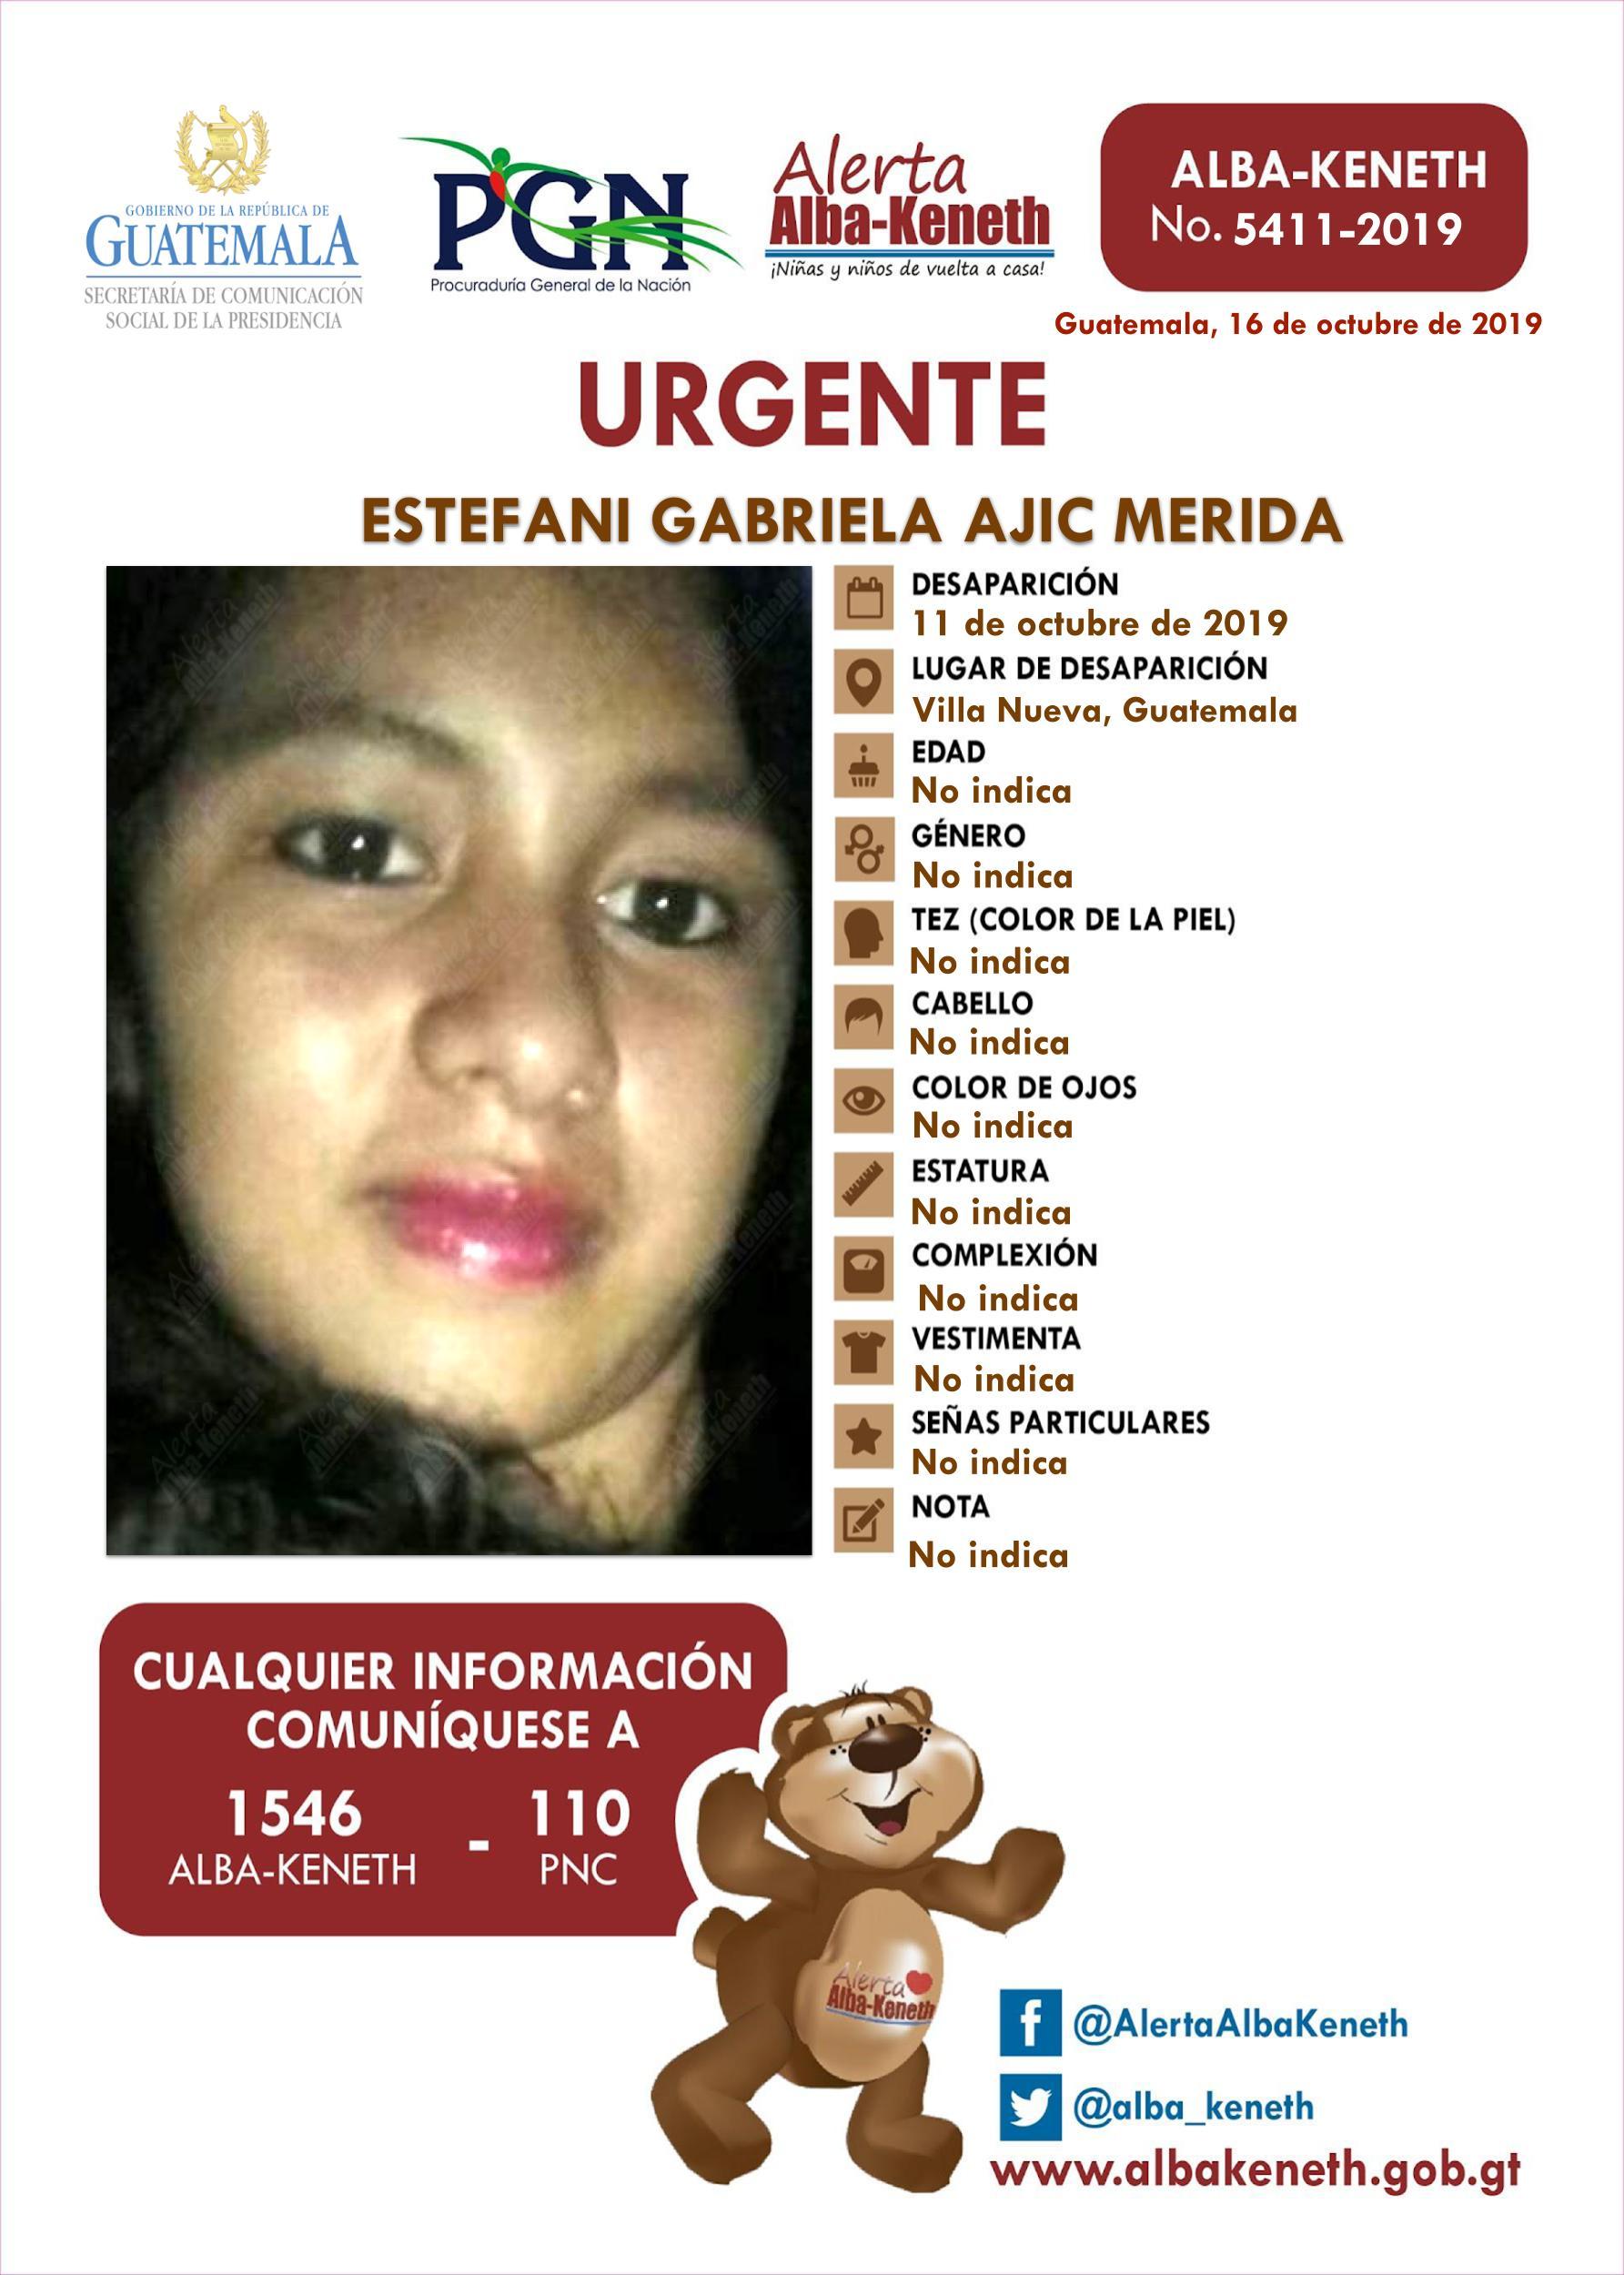 Estefanai Gabriela Ajuc Merida